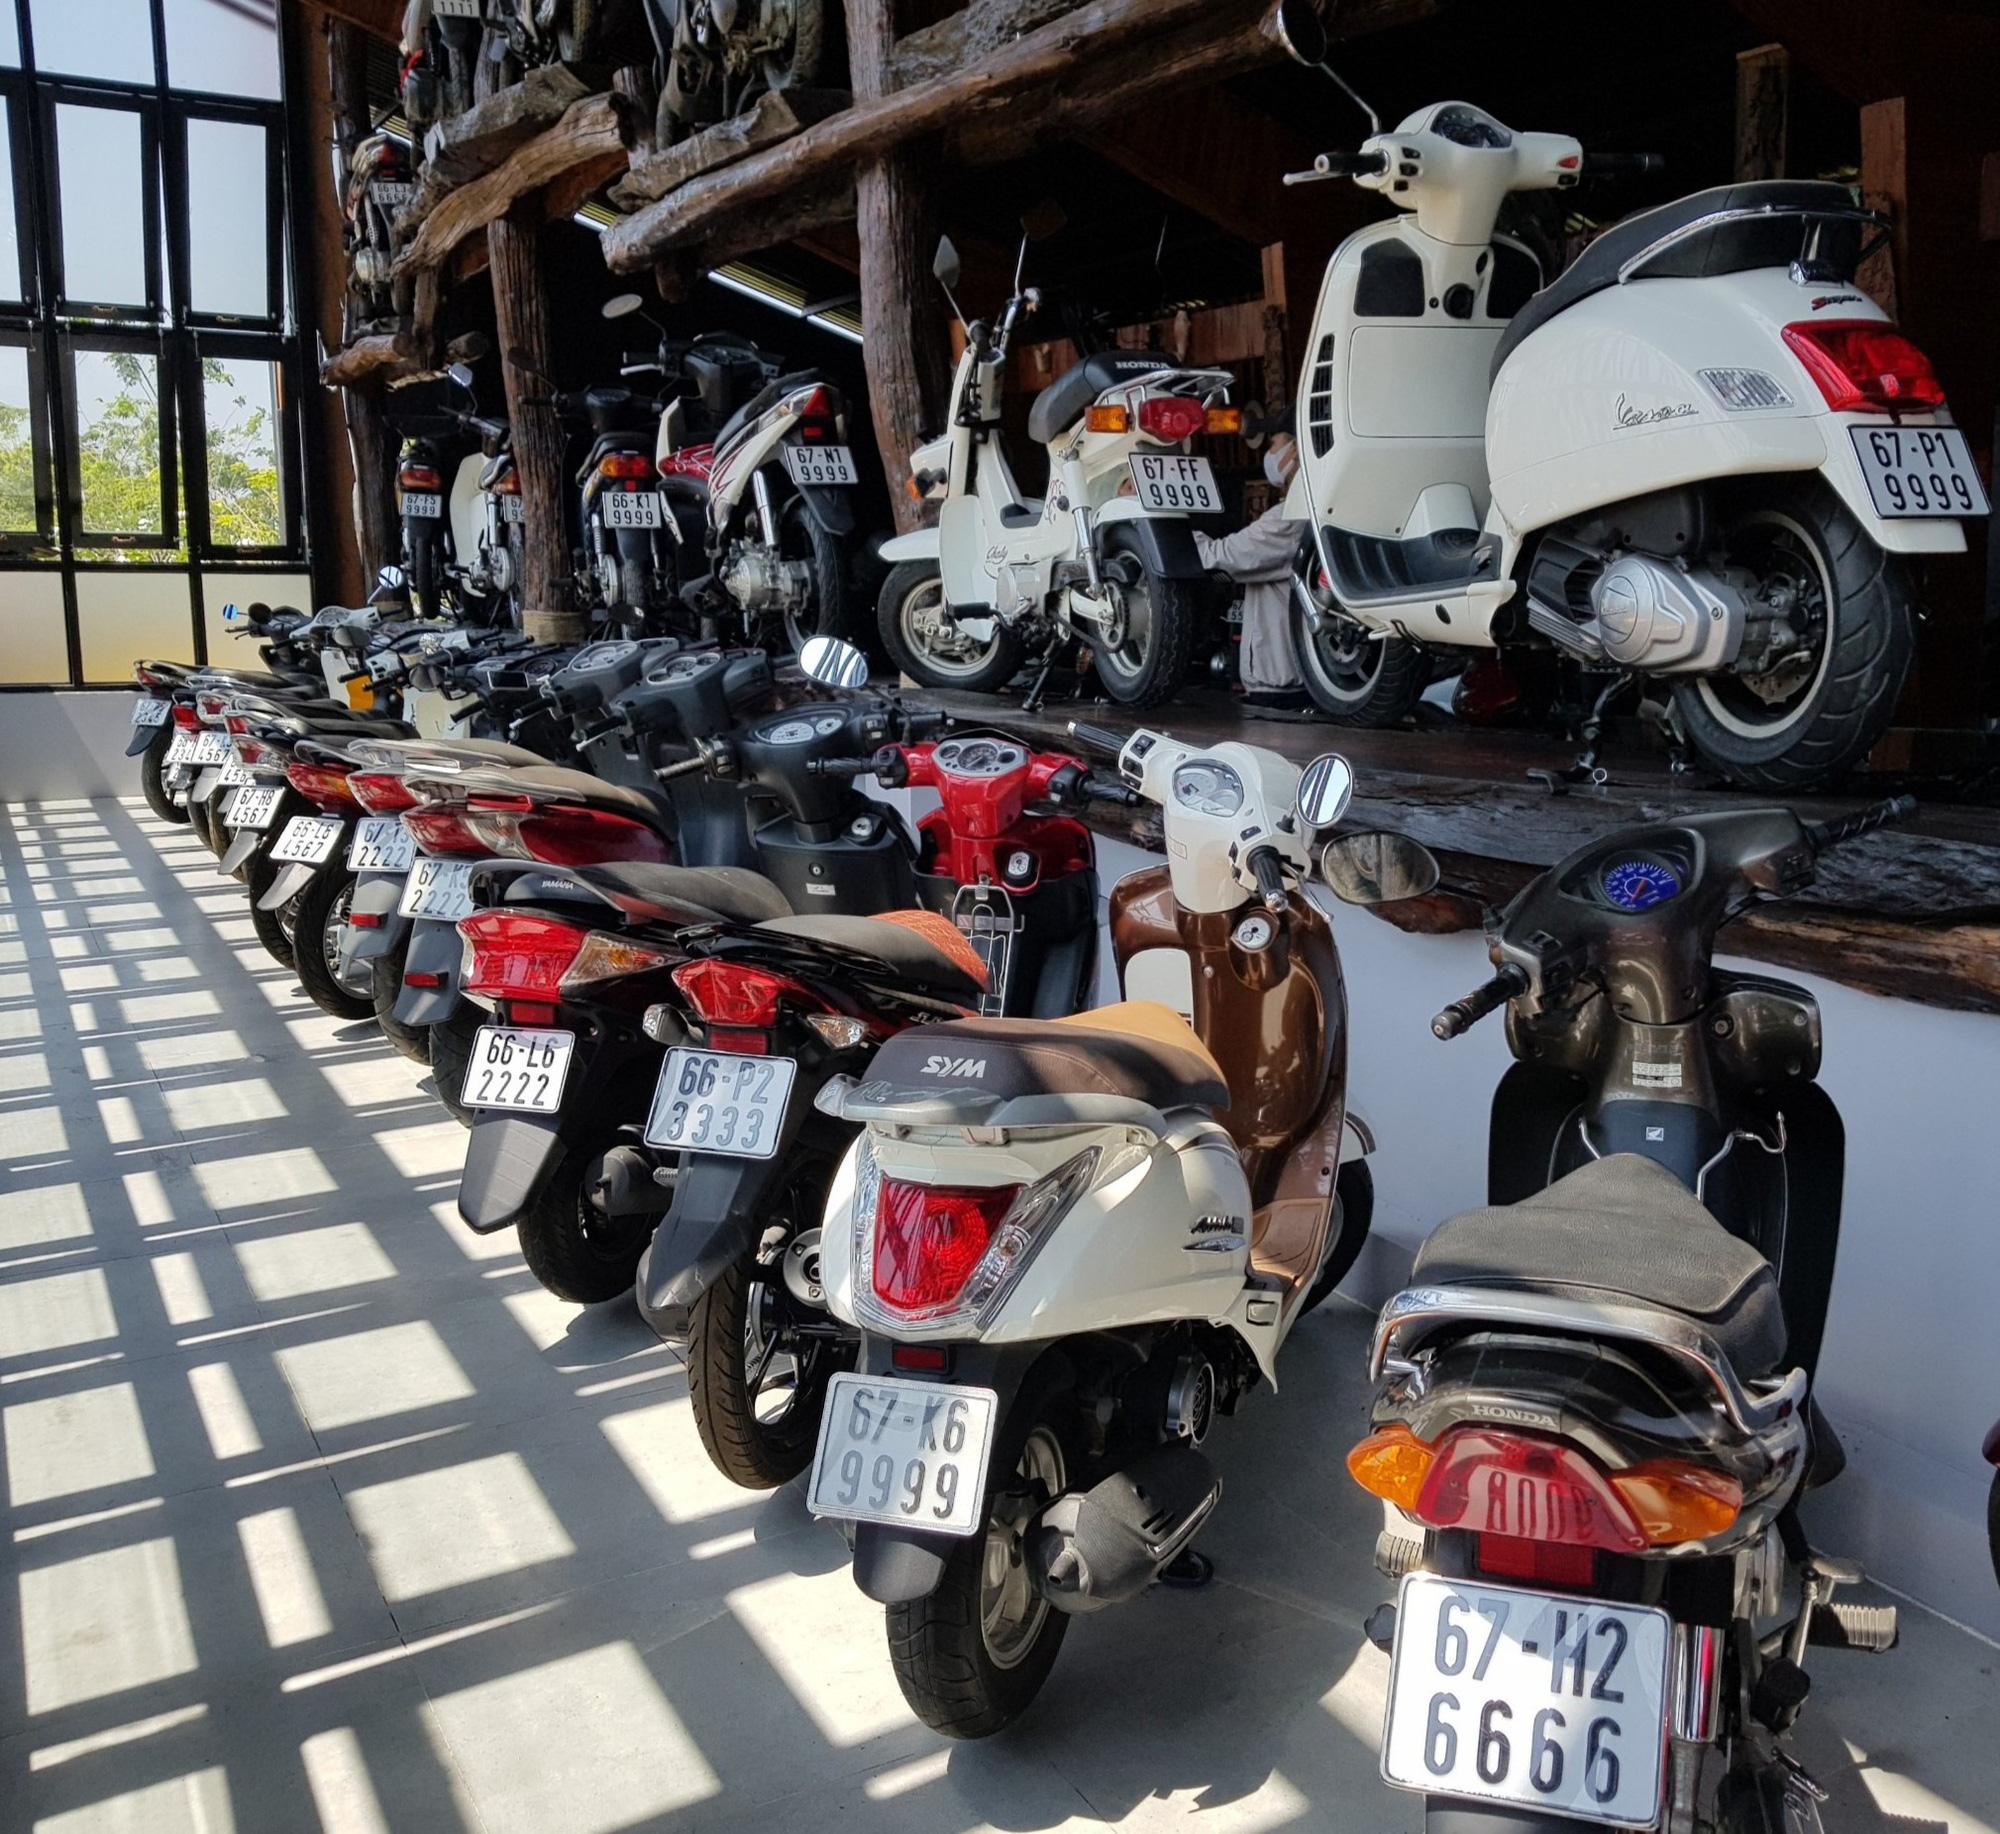 Bộ sưu tập 500 xe mô tô có biển số đẹp mê hồn - Ảnh 13.